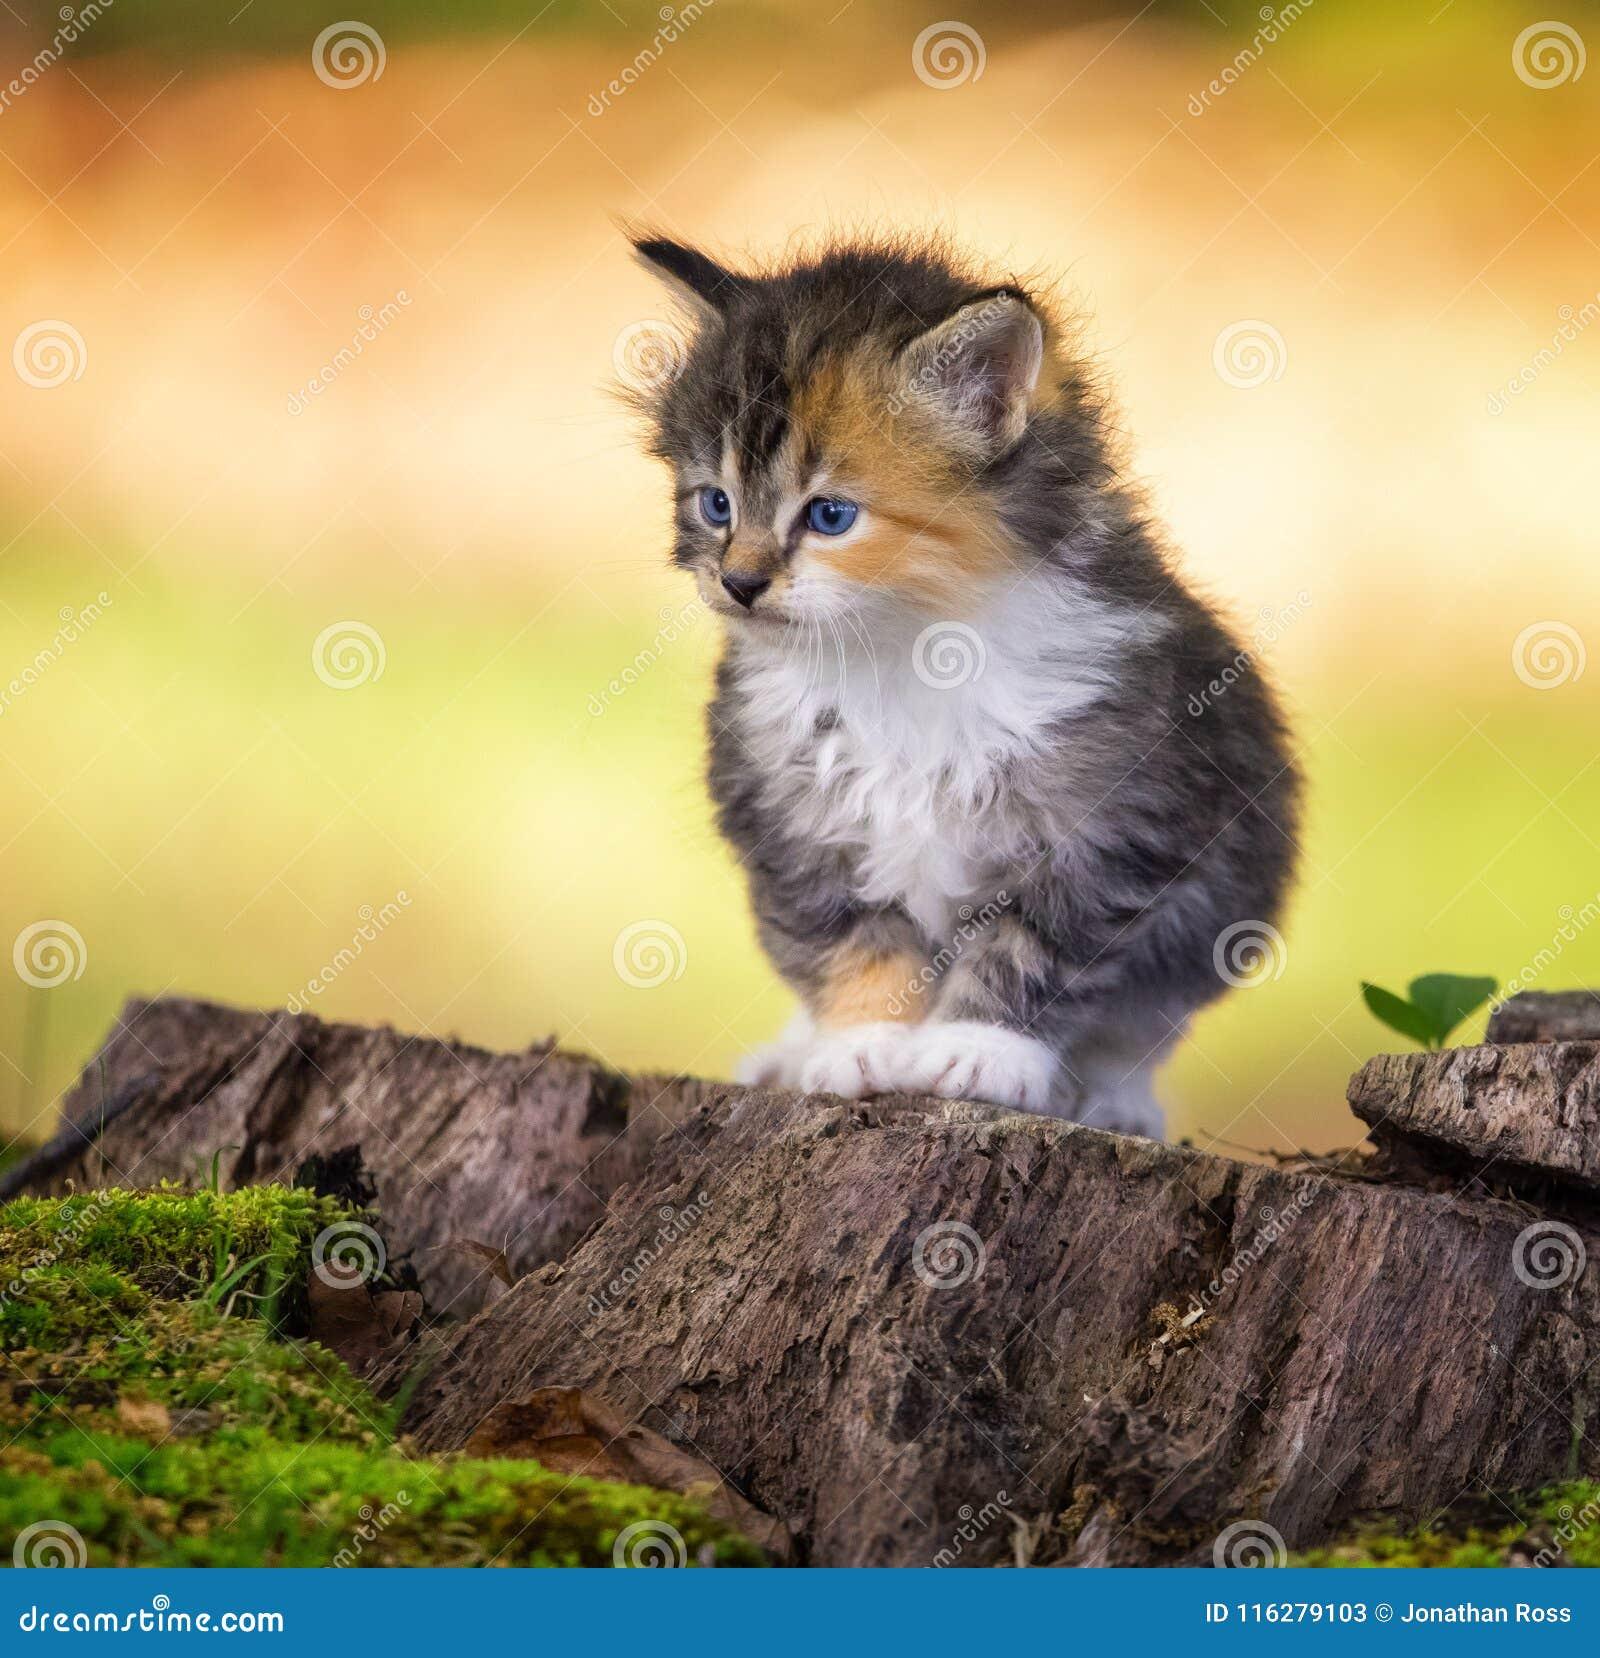 Kitten staring ahead